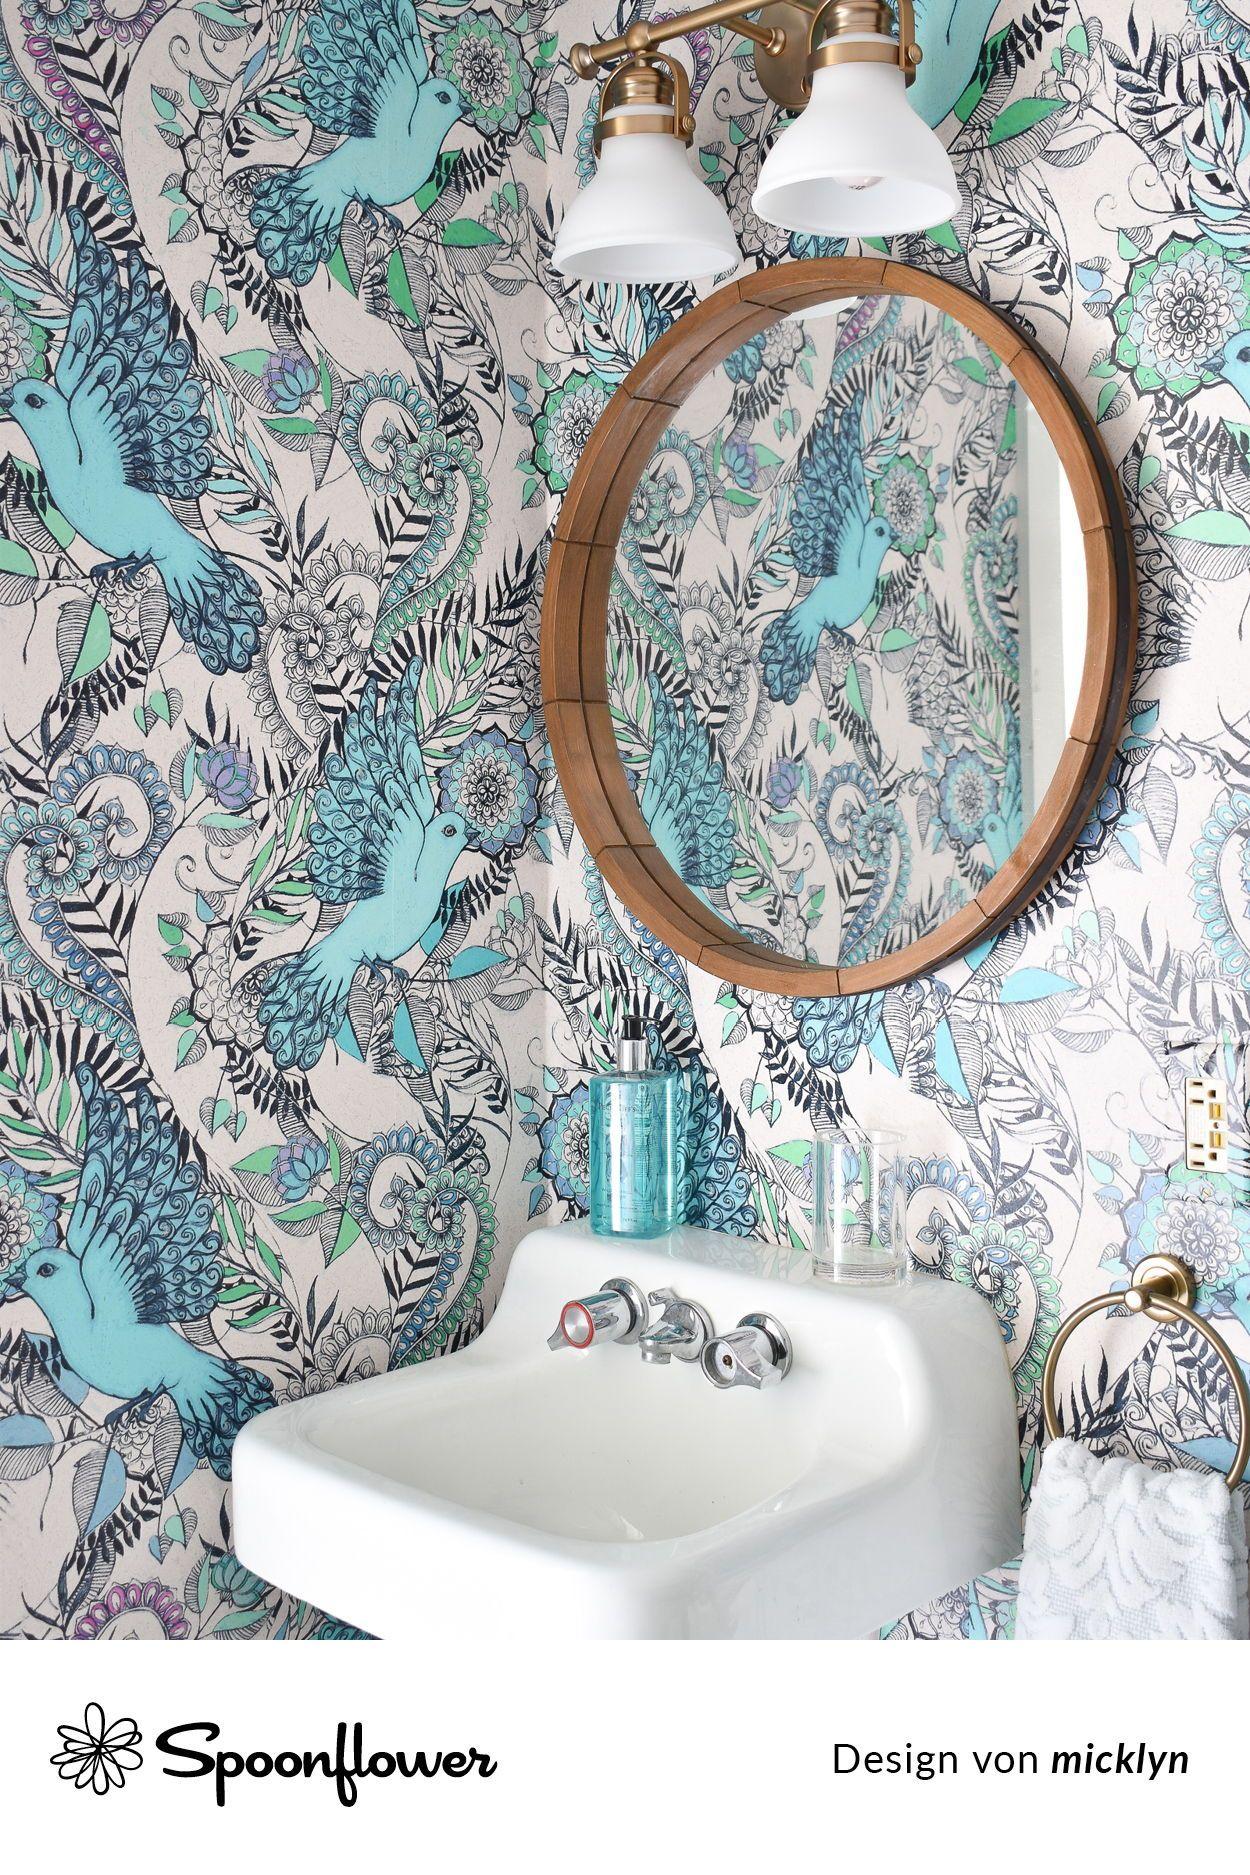 Vogel Botanisch Blumen Illustration Flug Blau Und Grun Blumen Bathroom Wallpaper Bathroom Wallpaper Trends Bathroom Wallpaper Vinyl